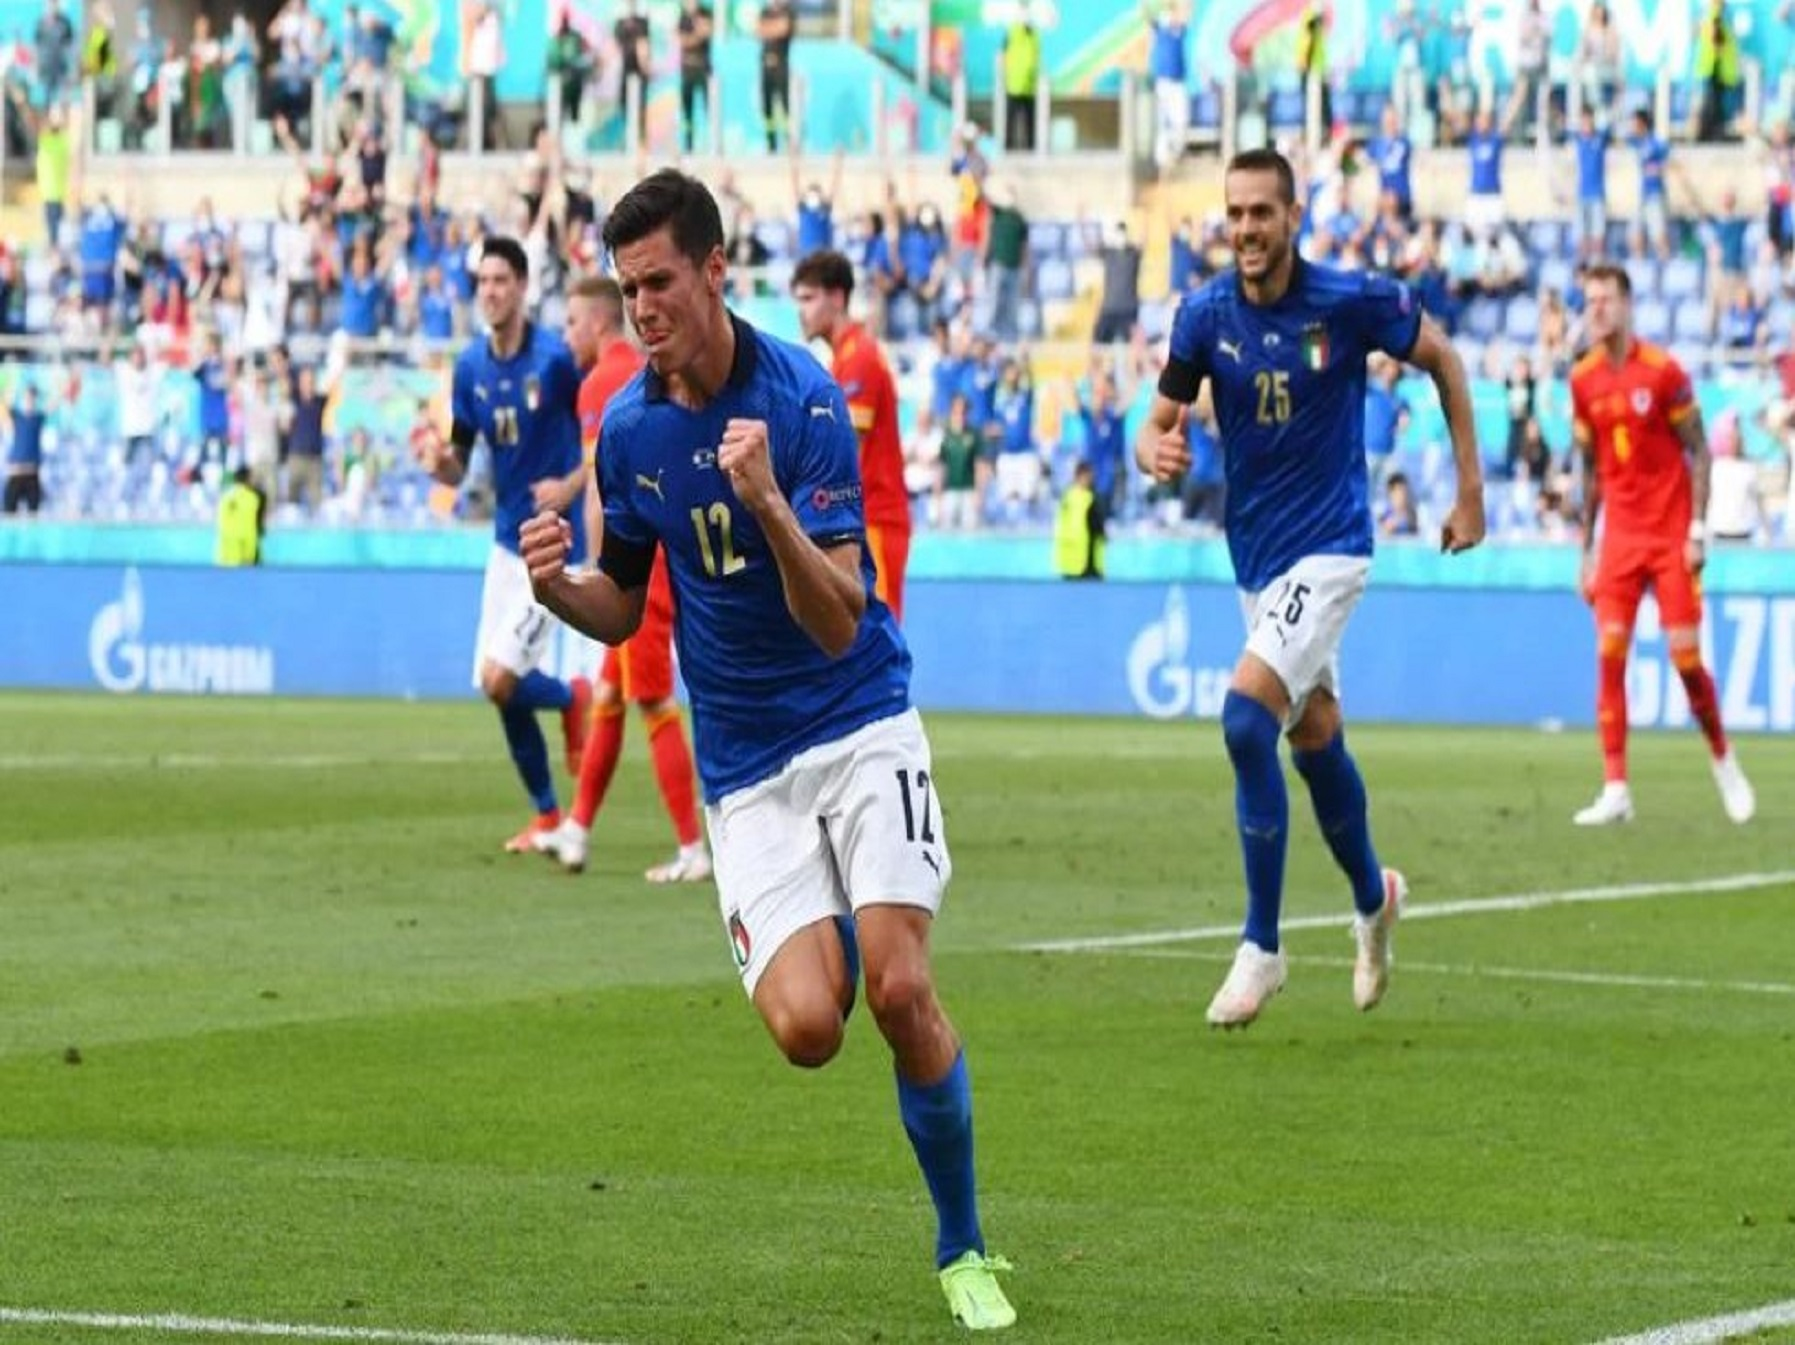 Ιταλία - Ουαλία 1-0